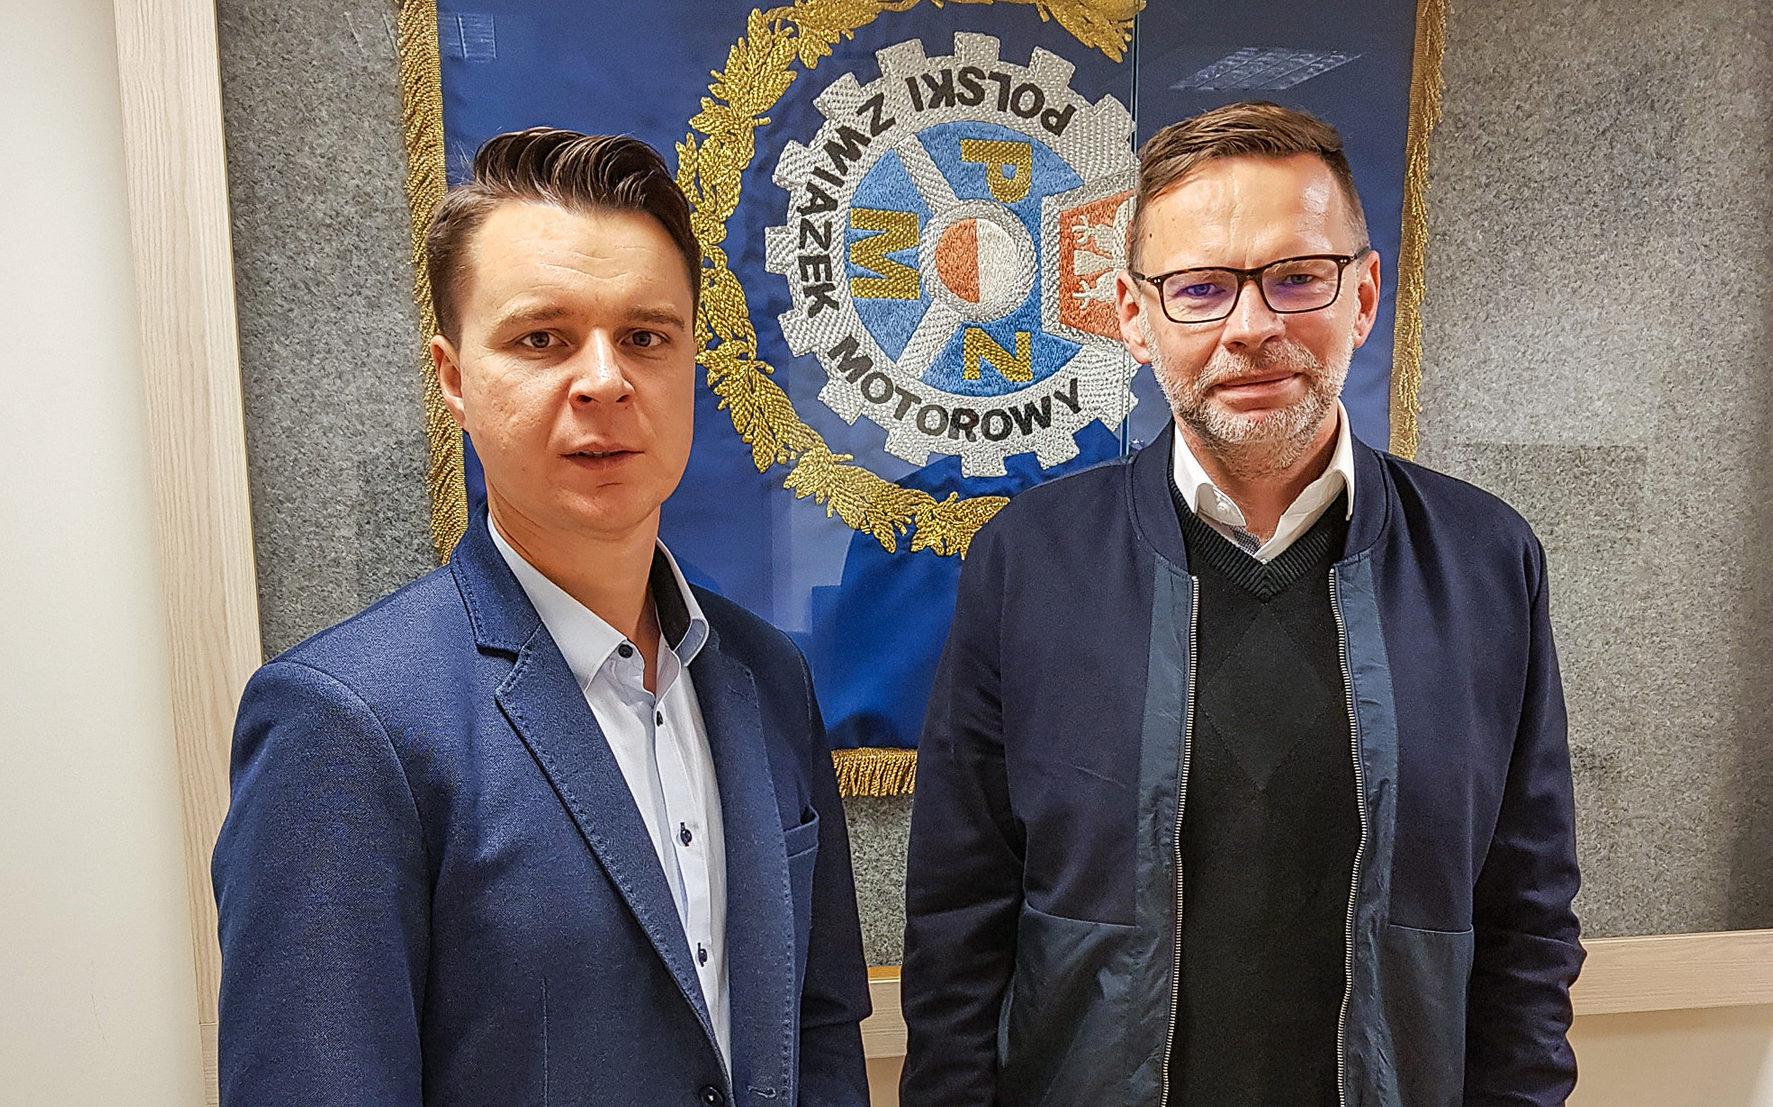 Spotkanie z szefem polskiego żużla [Zdjęcie]